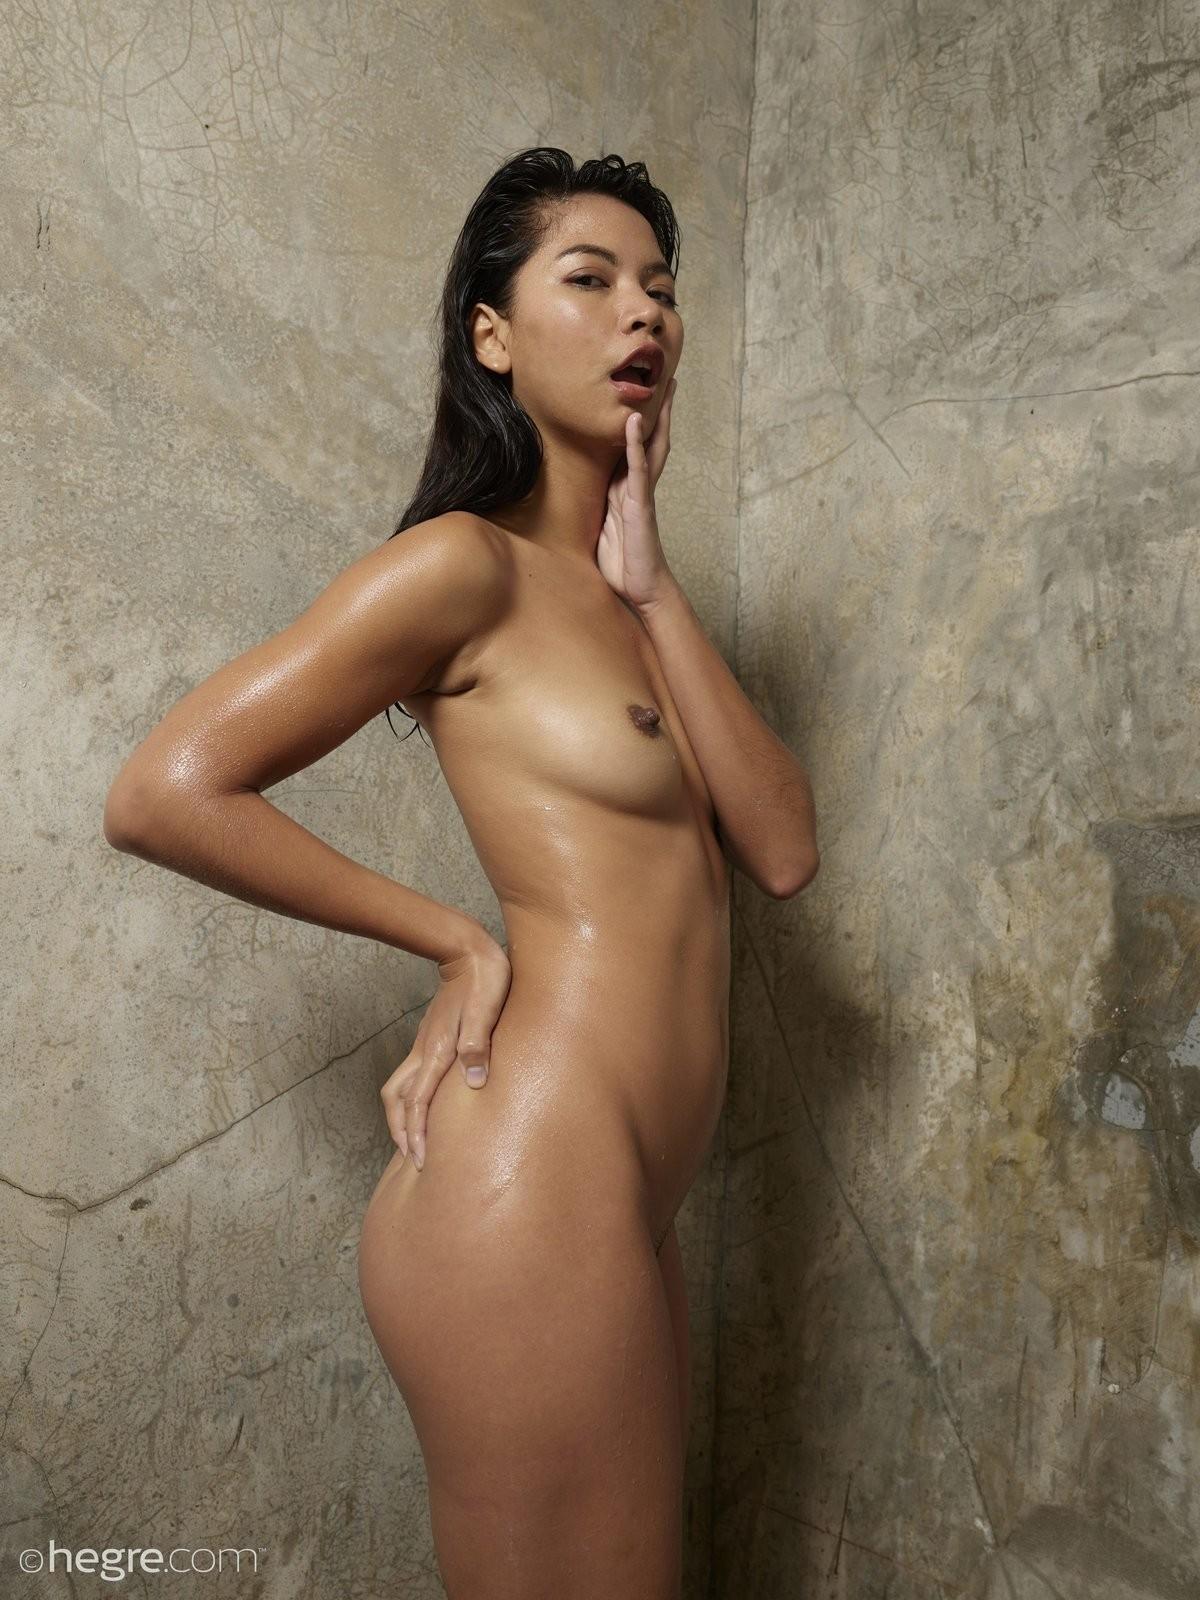 Голая молодая азиатка обливается водой - фото